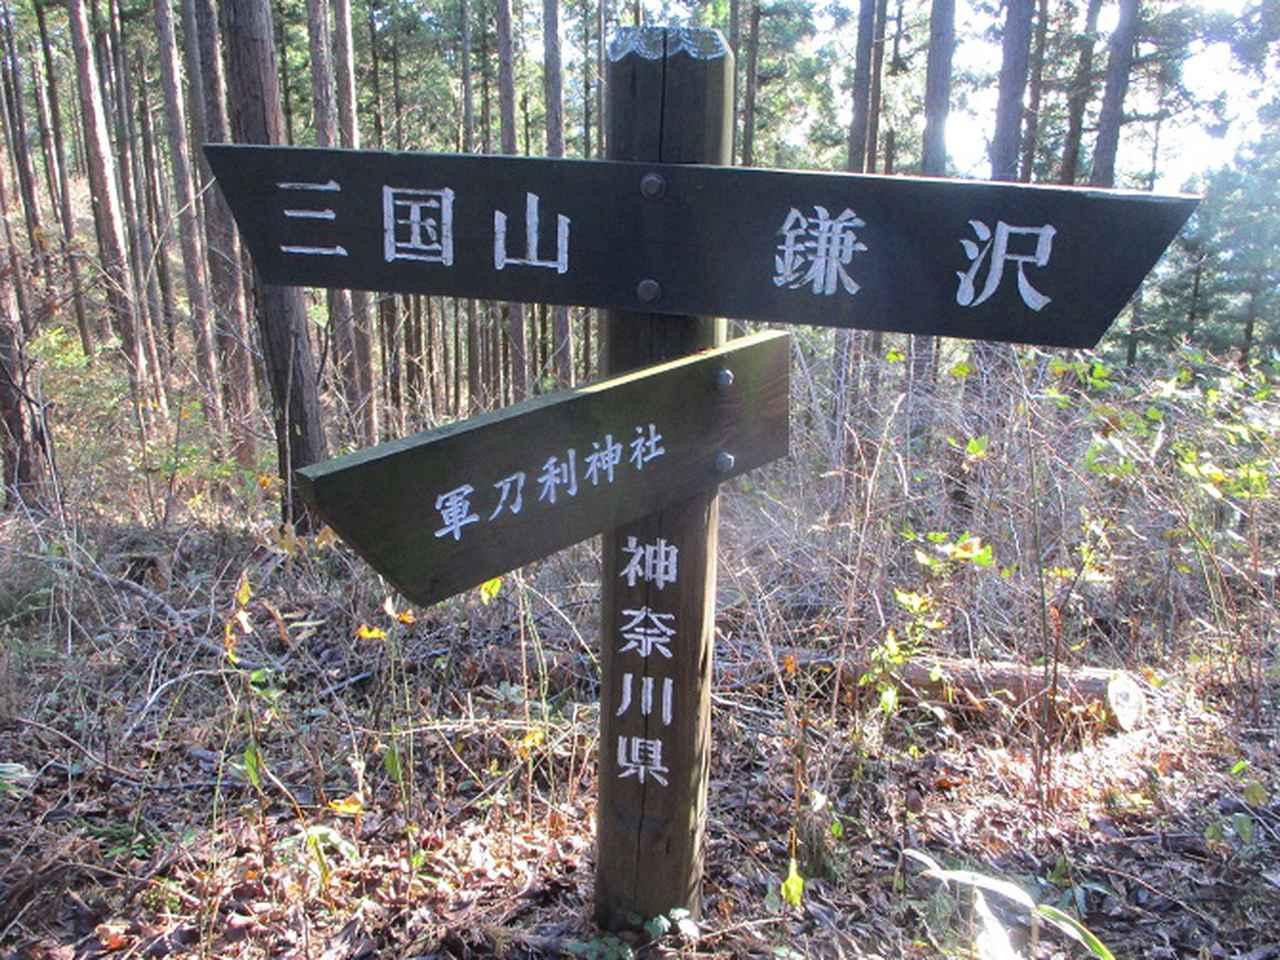 画像5: 12月の山旅会 生藤山 ツアーの下見に行ってきました!